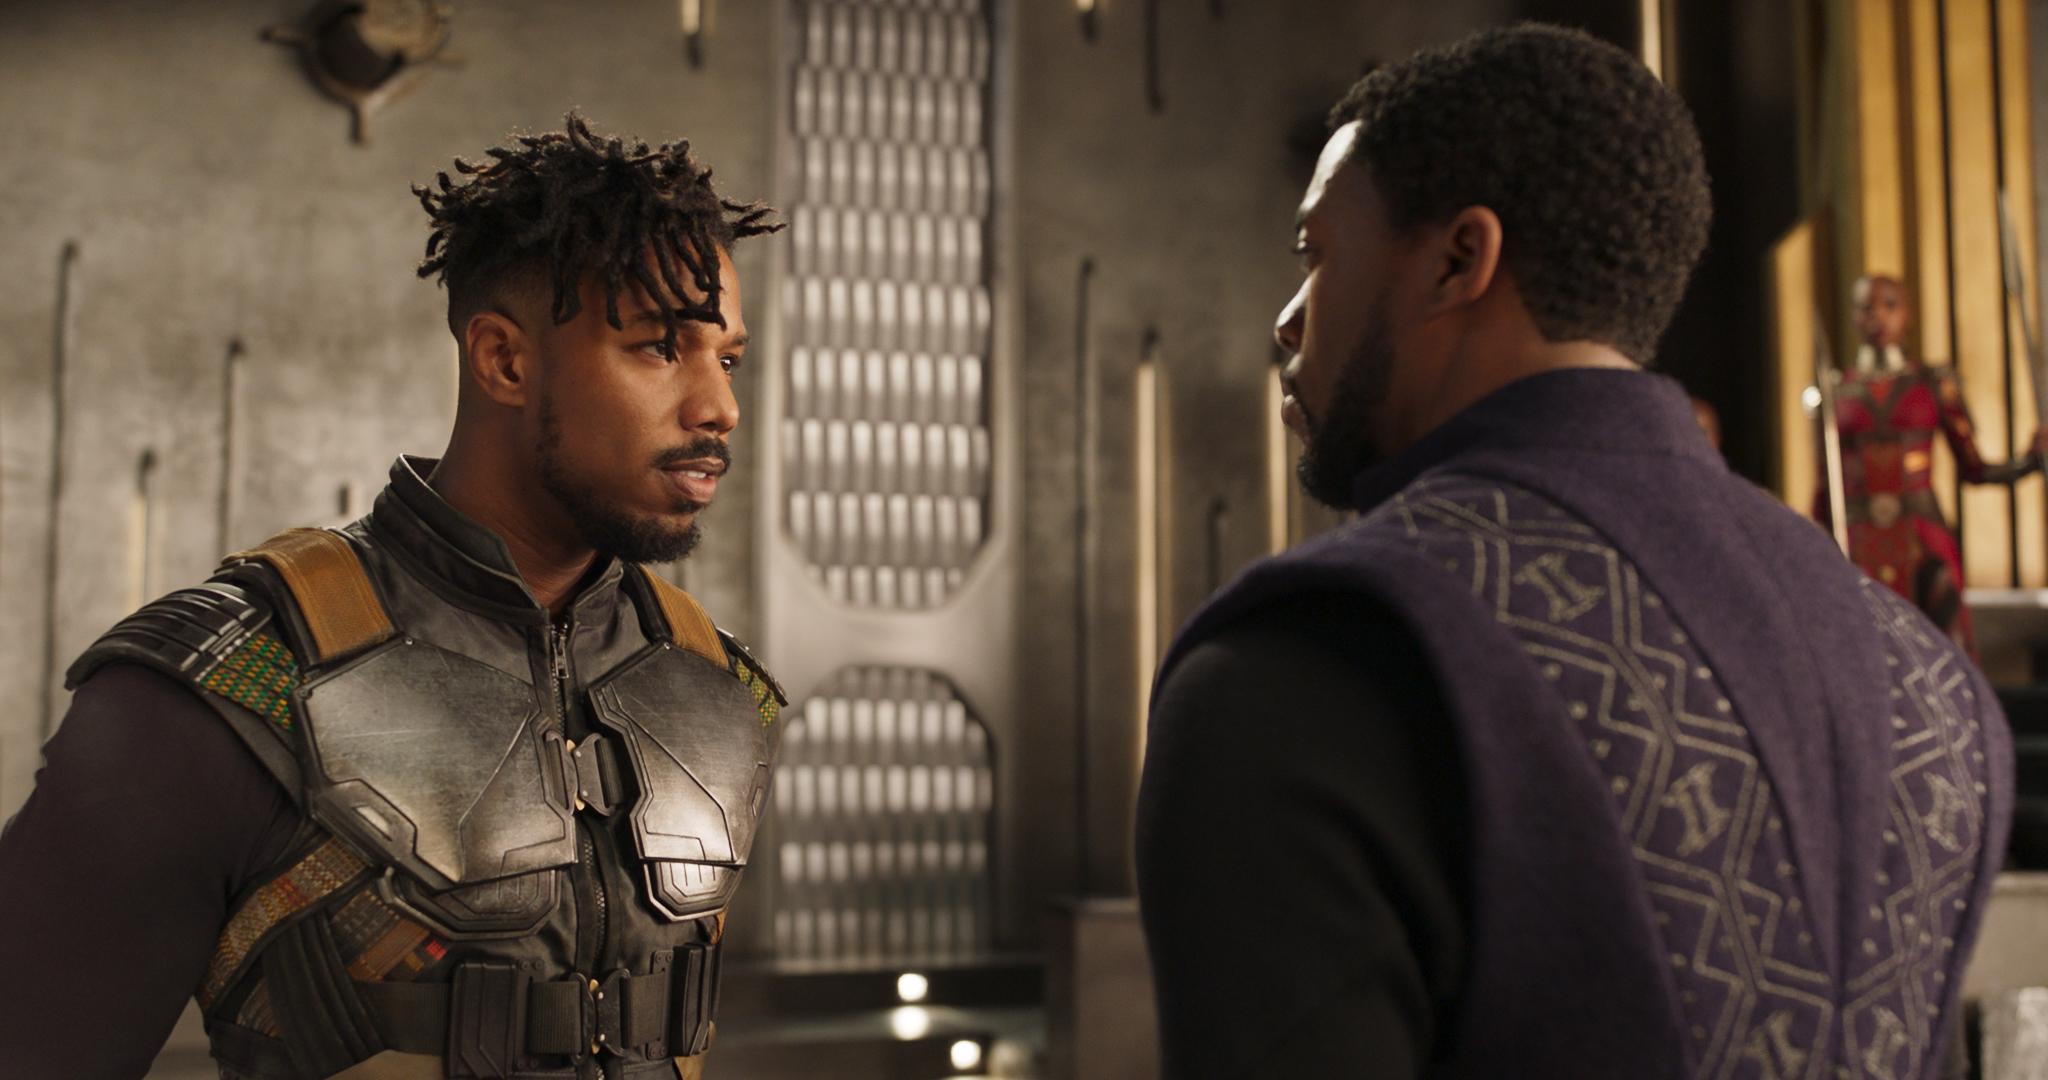 A Imagem mostra o protagonista de Pantera Negra, T'Challa, vivido por Chadwick Boseman à direita. À esquerda, o antagonista Erik, vivido por Michael B. Jordan. A imagem está em plano americano, da cintura para cima dos atores. Os dois se encaram de forma ameaçadora.